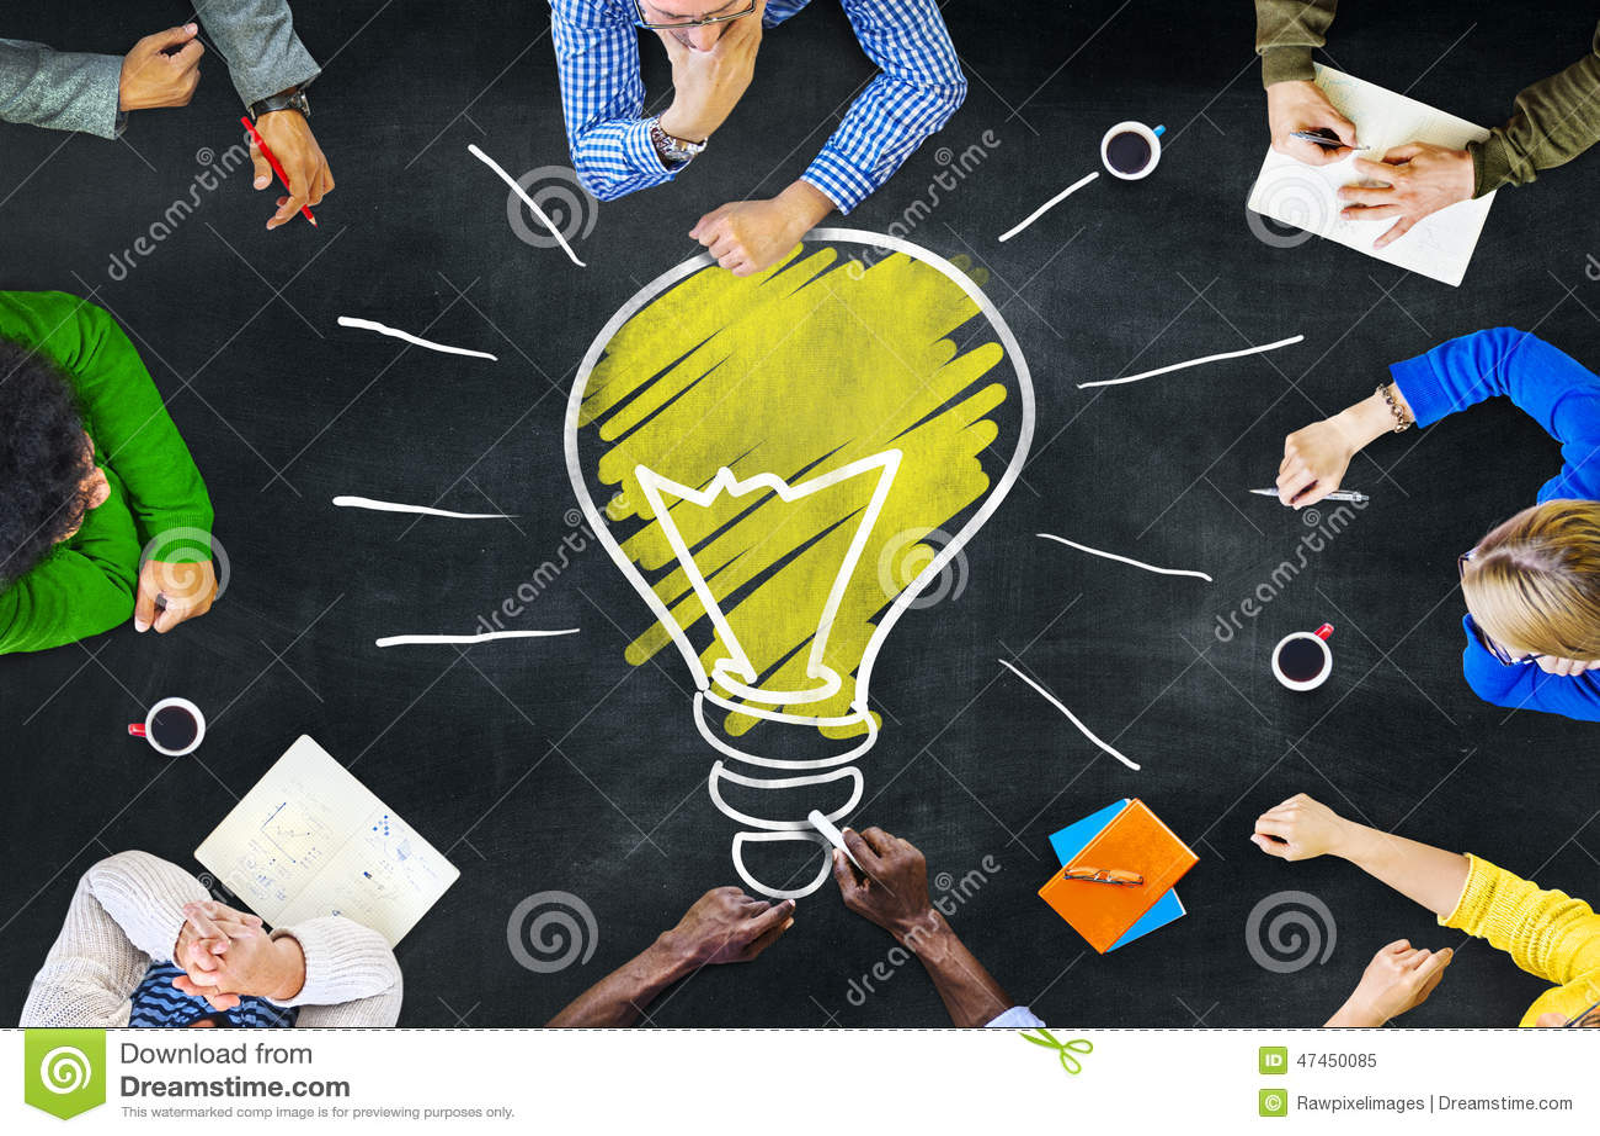 Concetto di riunione di apprendimento di intelligenza di conoscenza di pensieri di idee